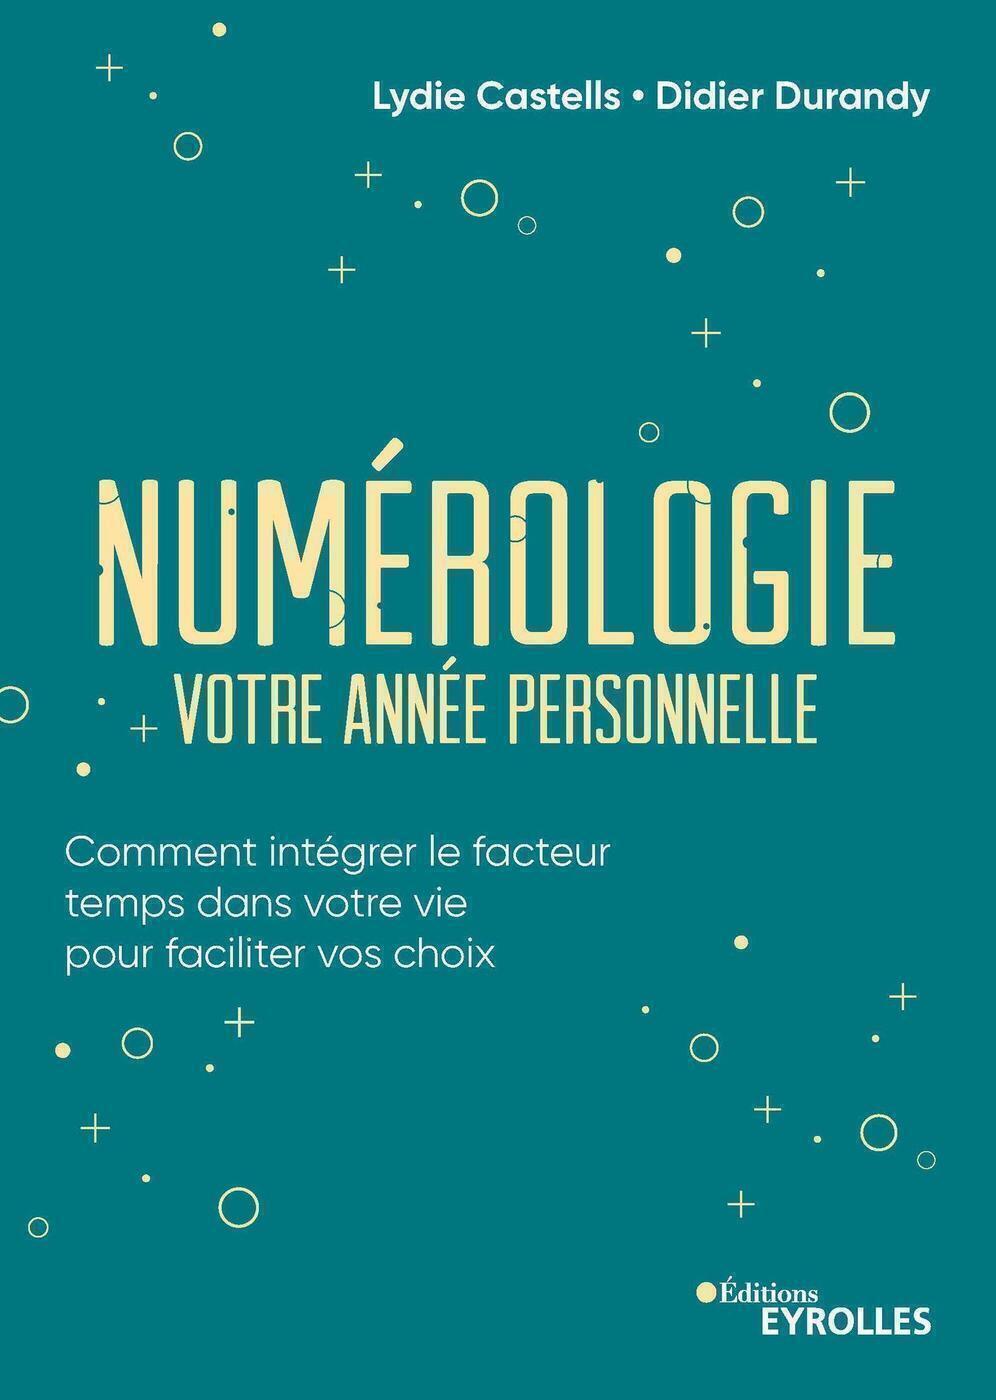 NUMEROLOGIE, VOTRE ANNEE PERSONNELLE - COMMENT INTEGRER LE FACTEUR TEMPS DANS VOTRE VIE POUR FACILIT